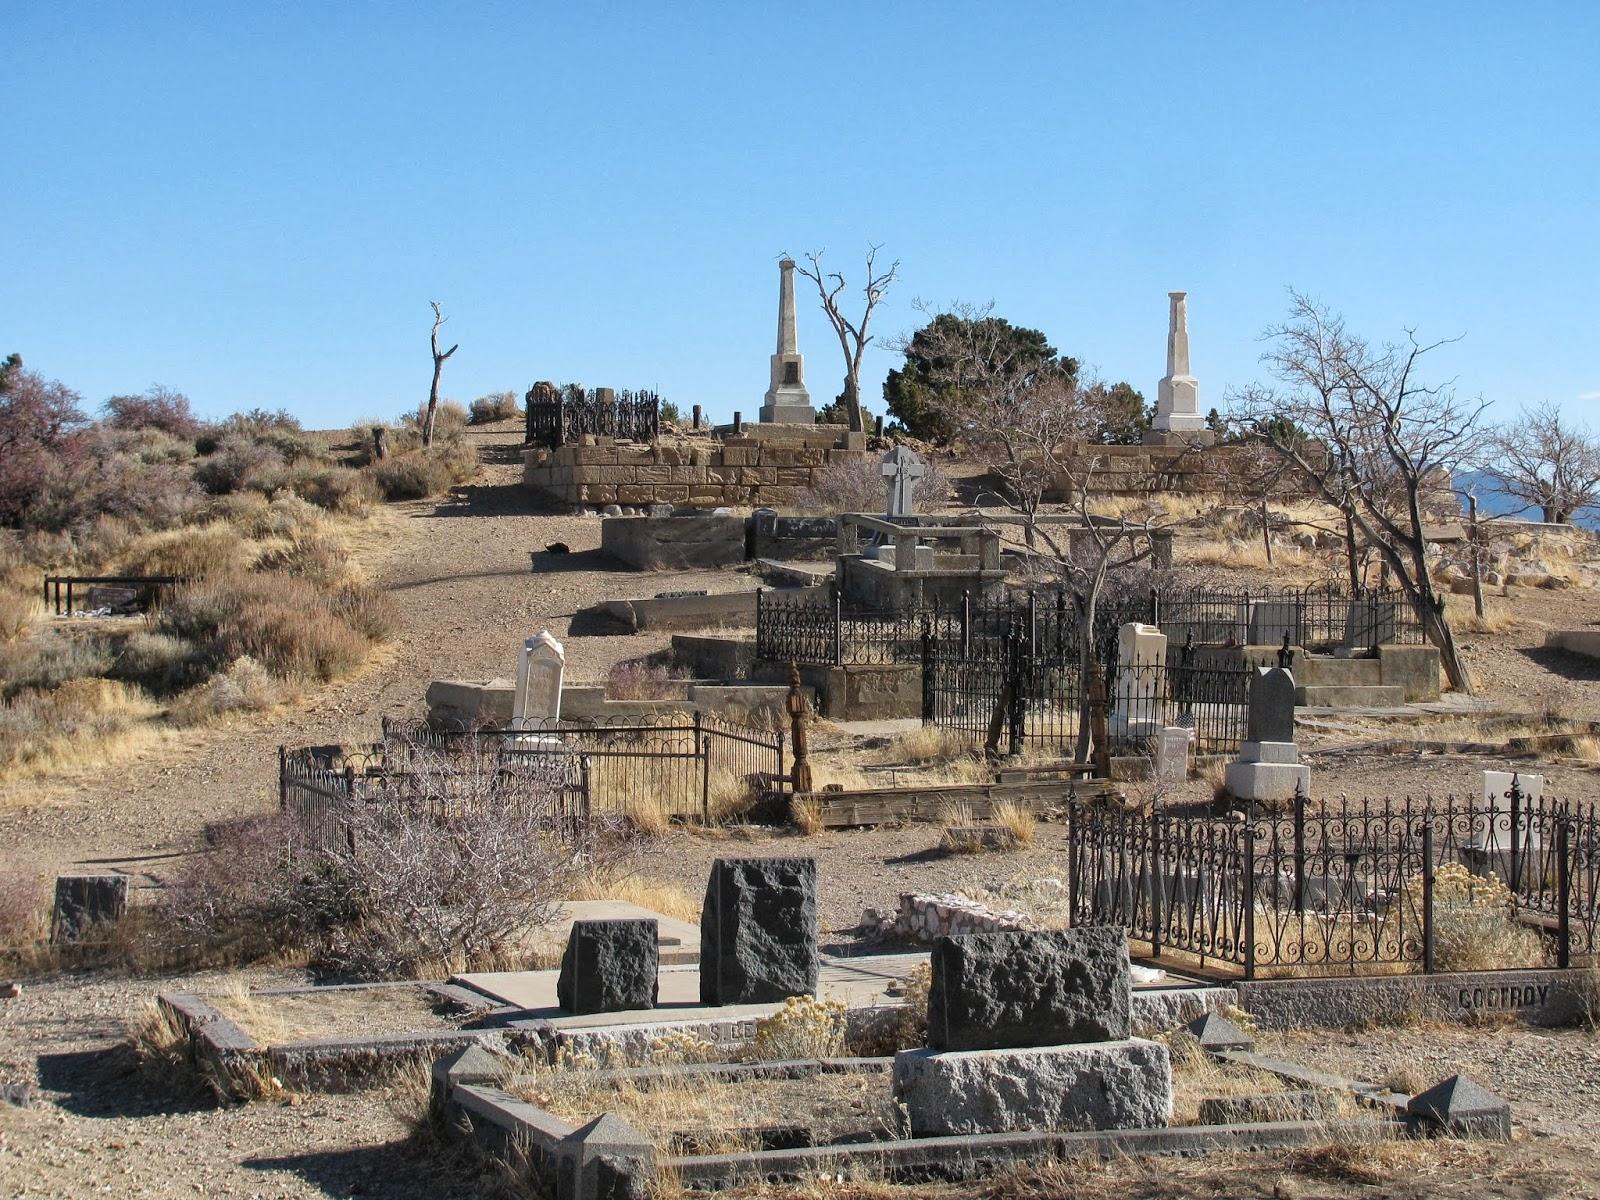 Weekend Wanderluster Virginia City Cemetery Storey -1683